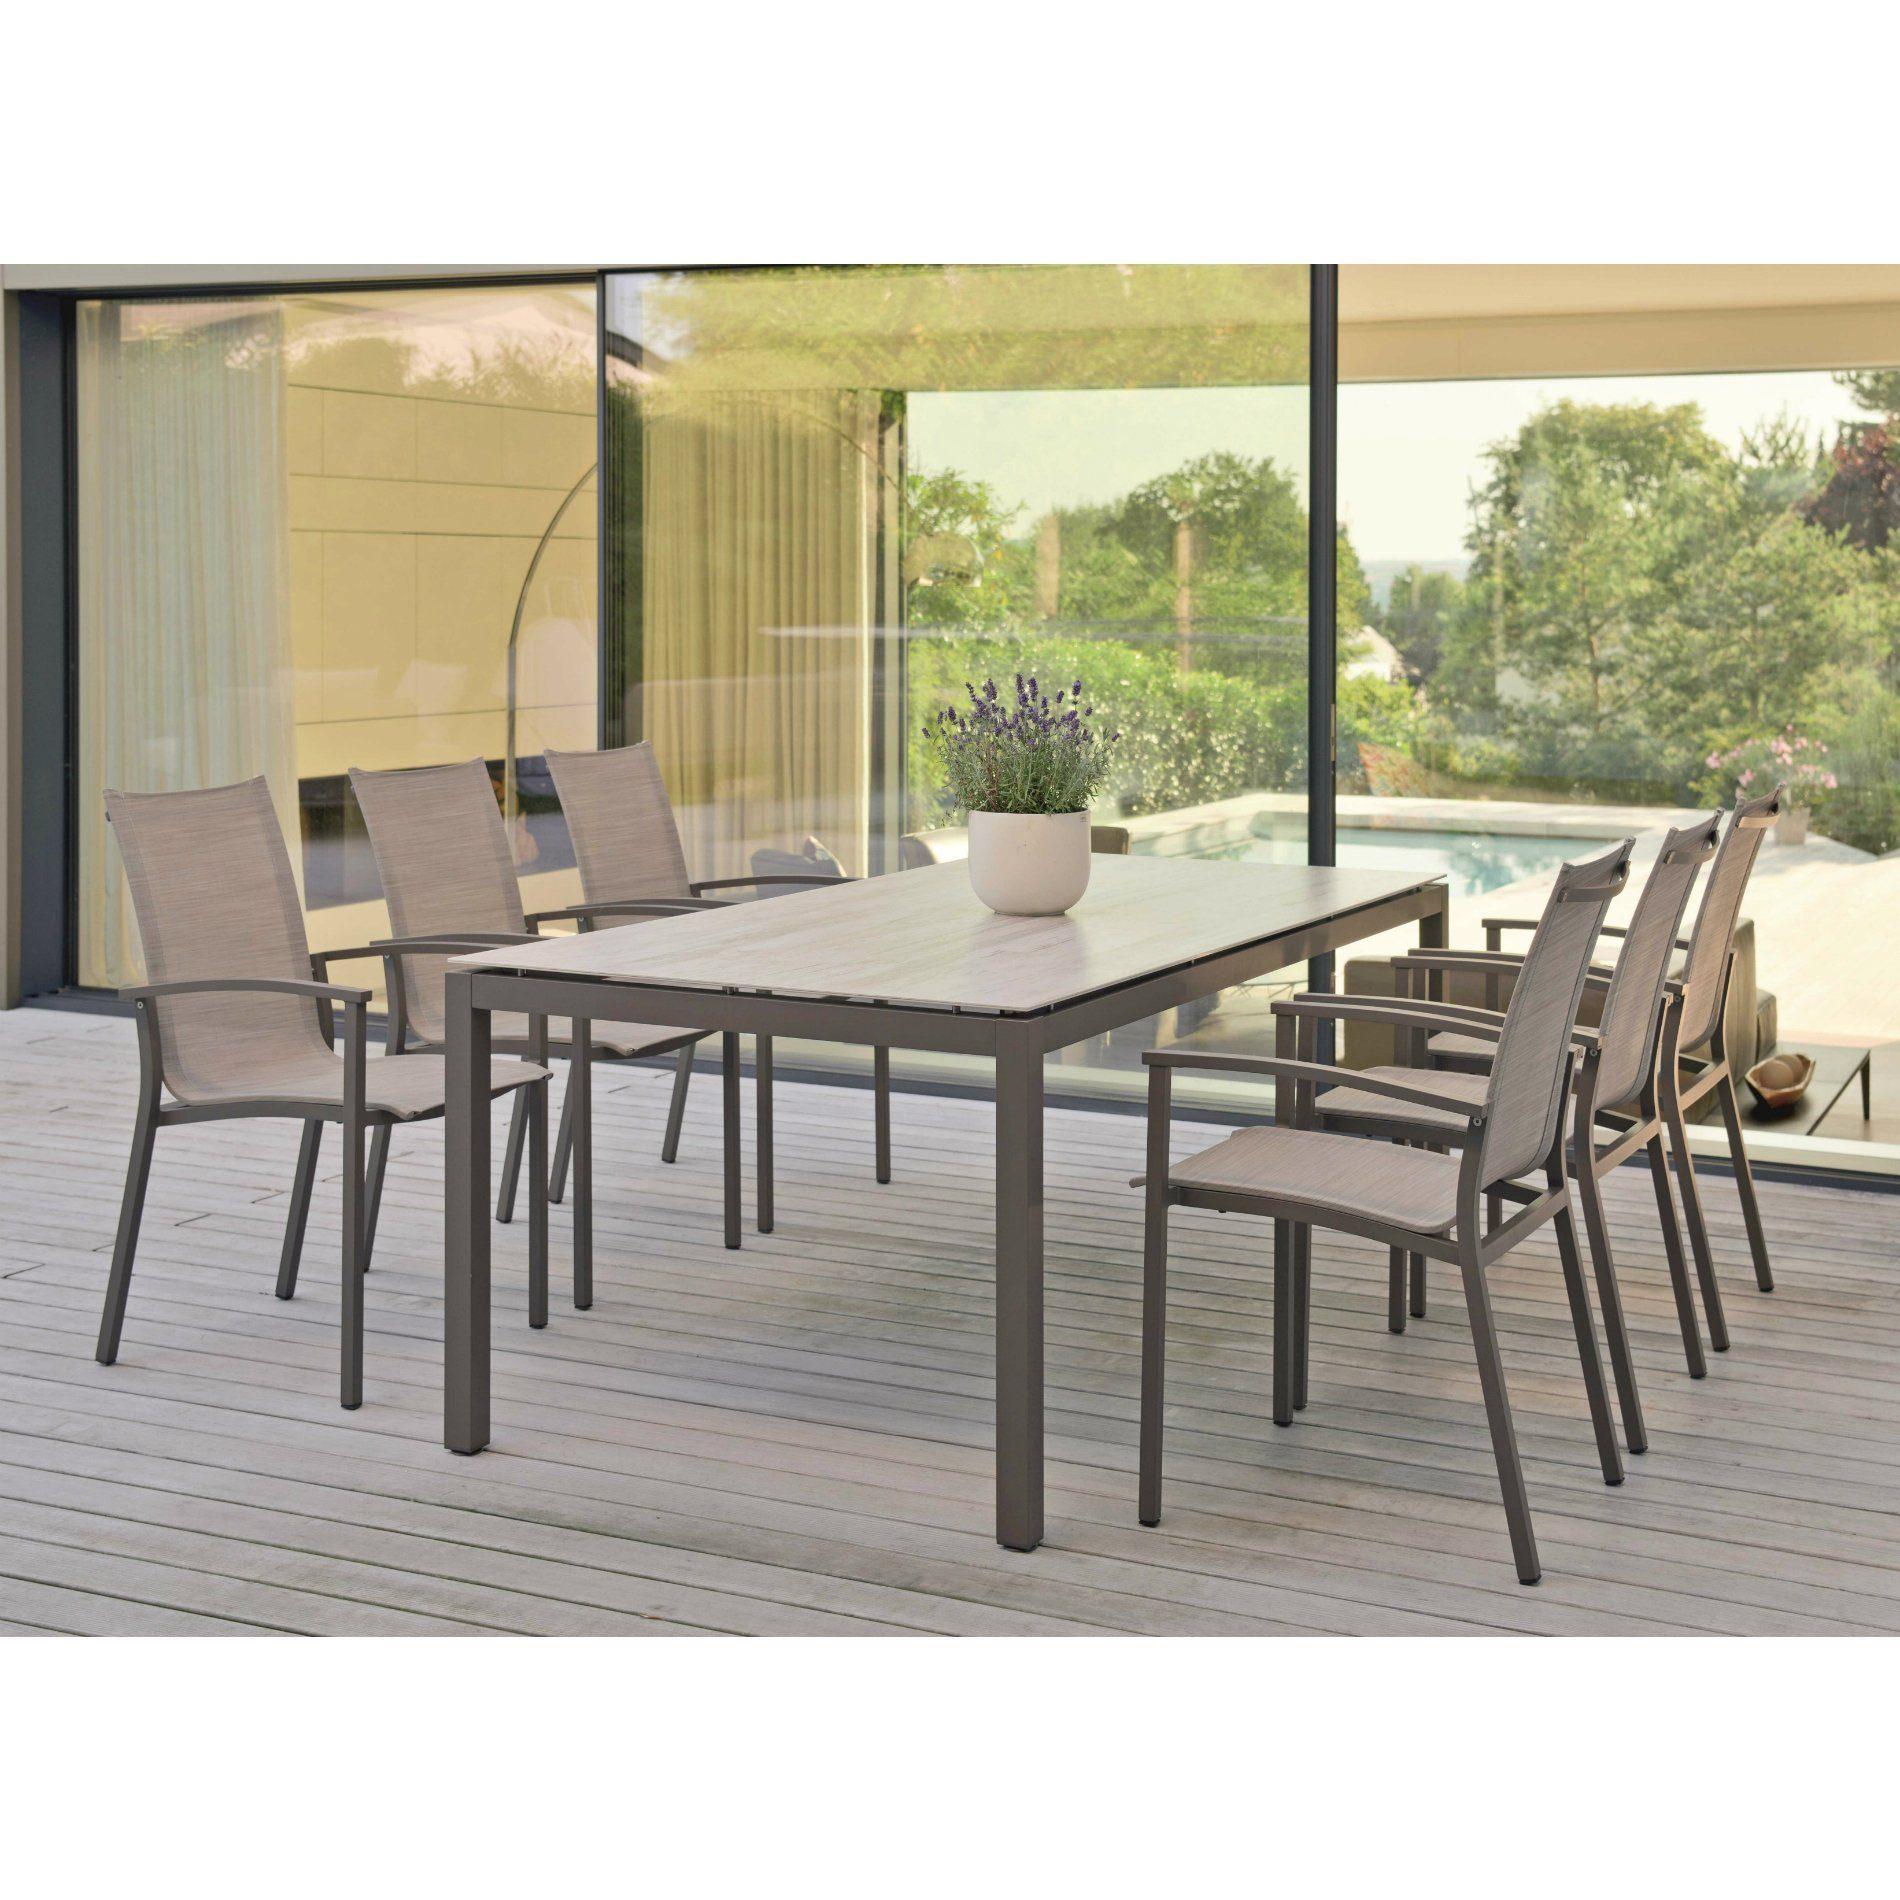 """Stern Gartenmöbel Set mit Stuhl """"Evoee"""" und Gartentisch Aluminium taupe/HPL 7 teilig"""